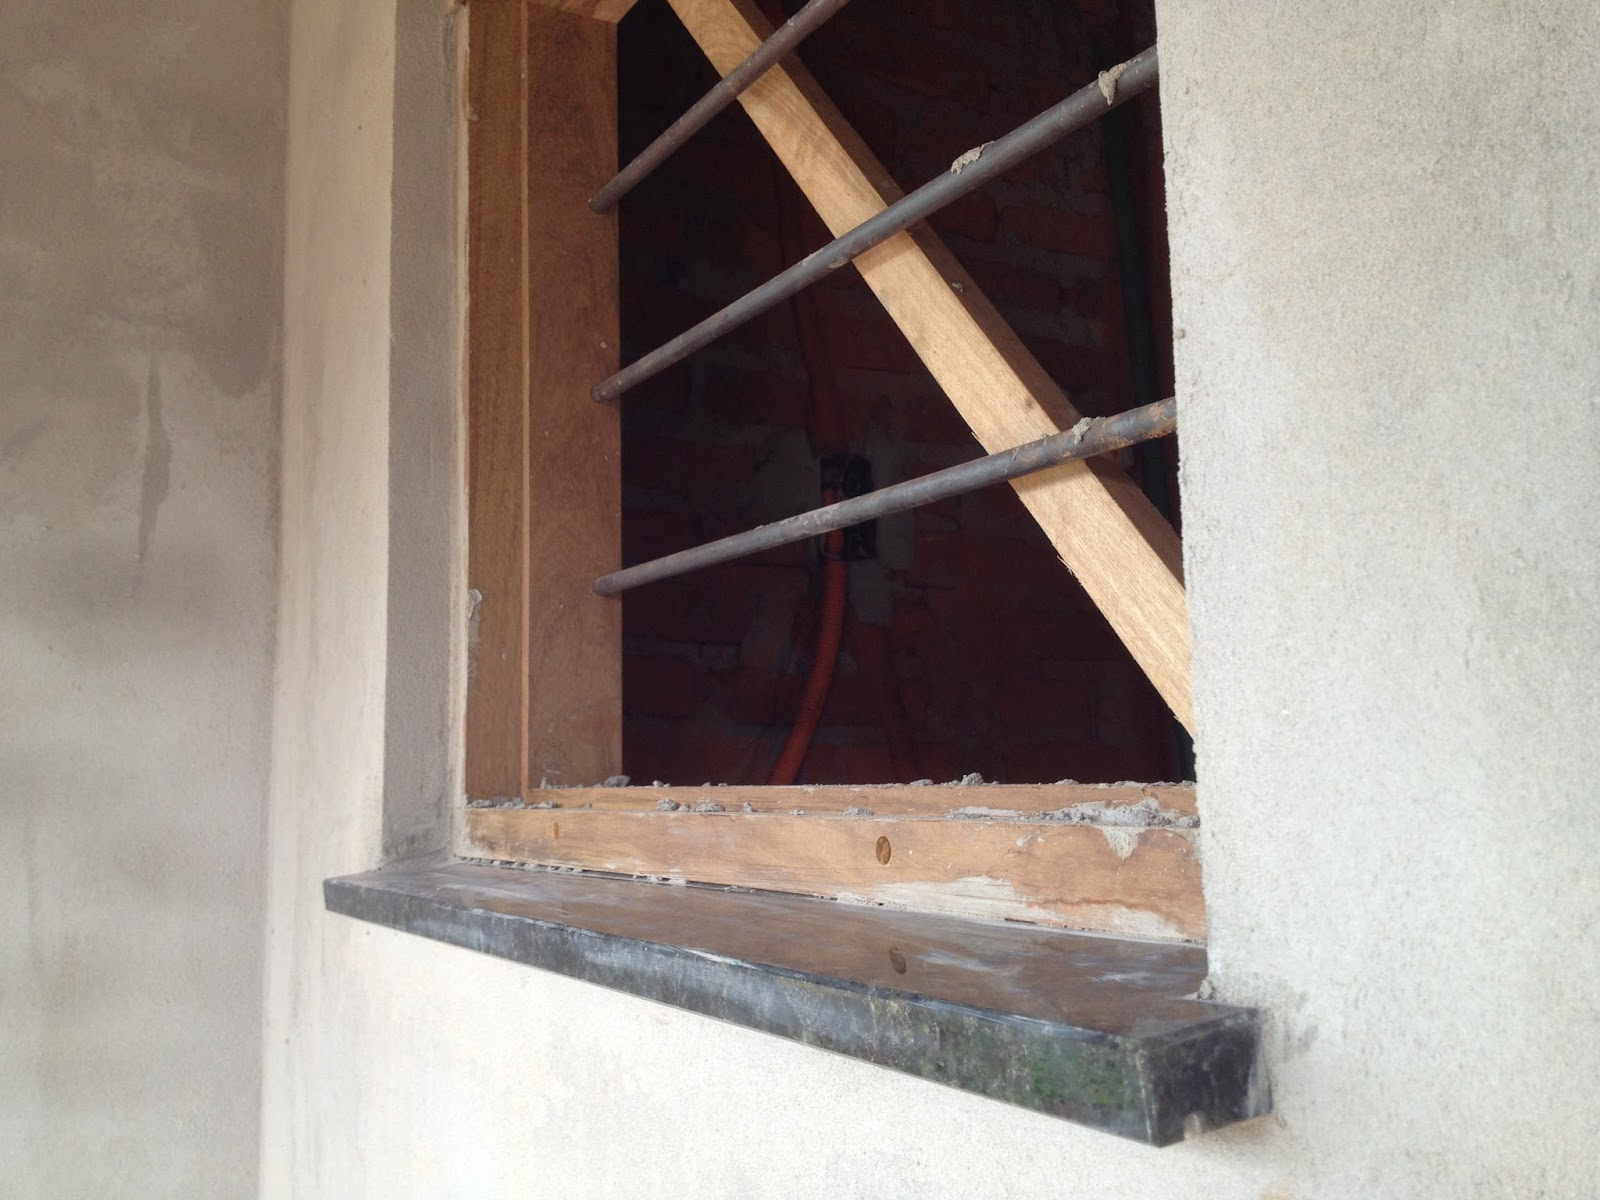 são as pingadeira de granito VERDE UBATUBA. Da janela do banheiro #674335 1600x1200 Altura Da Janela Banheiro